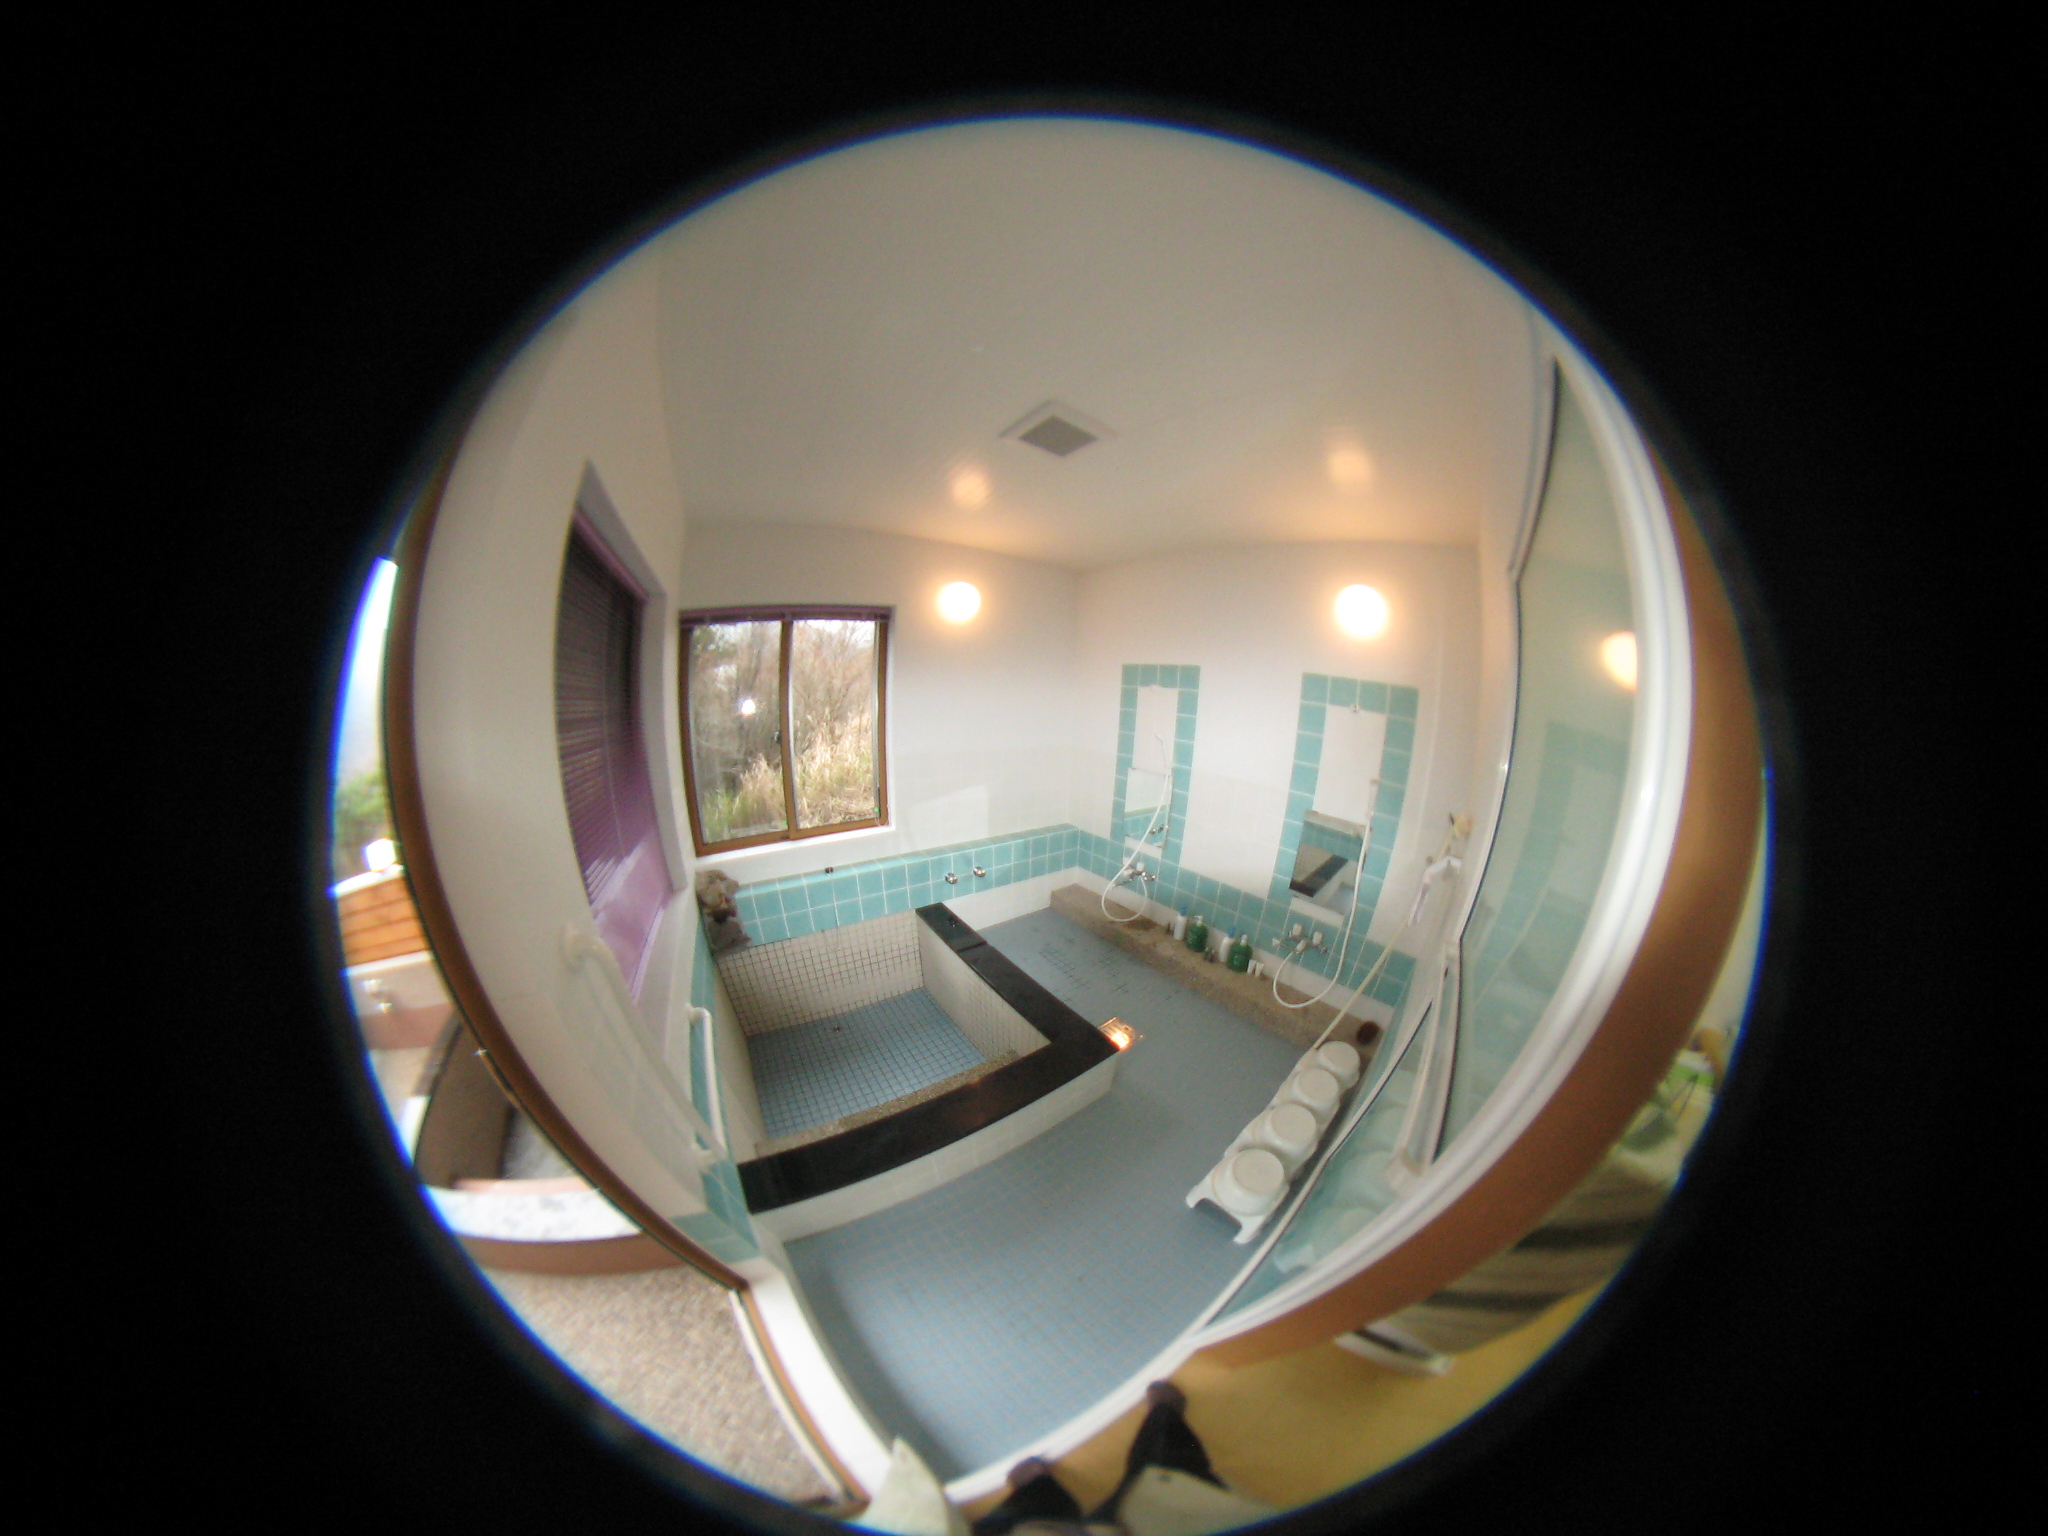 パノラマ写真で撮影 温泉を引き込んで室内のお風呂4,5人同時に入れます